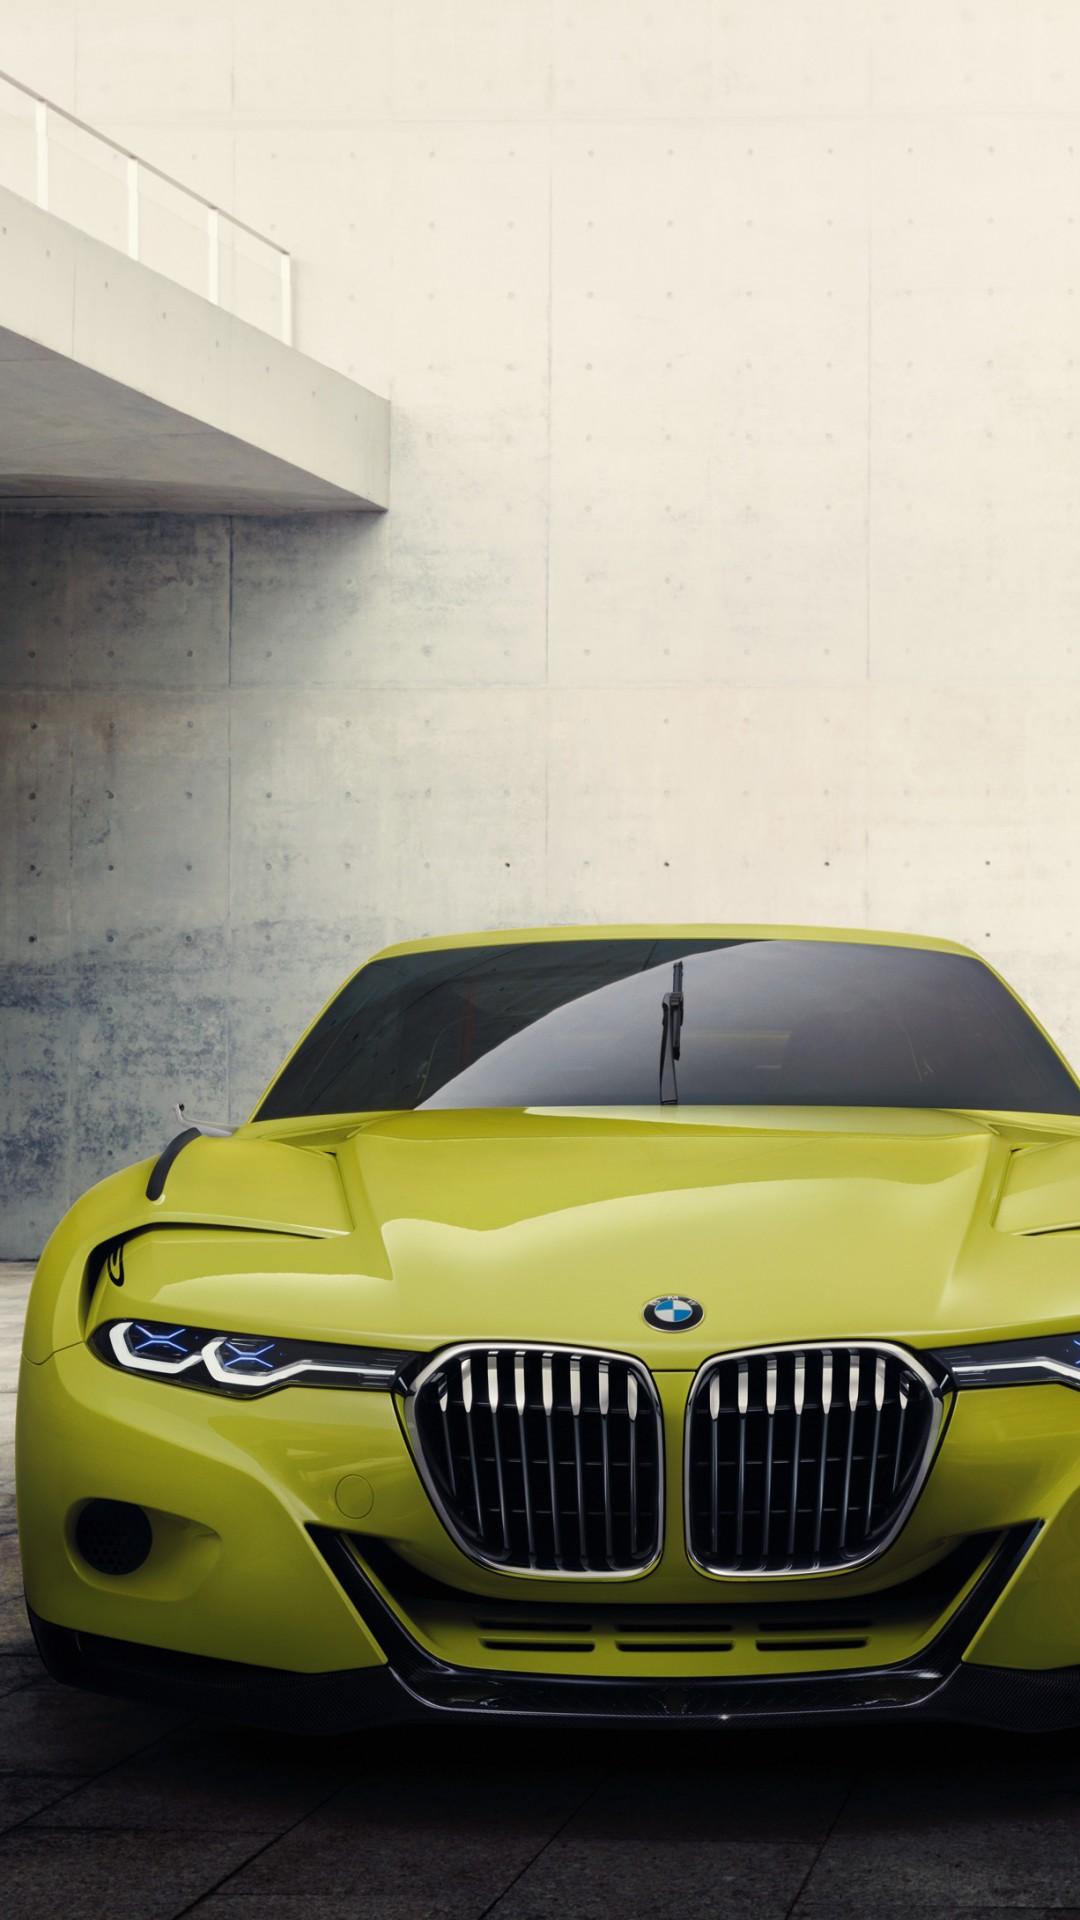 Wallpaper Bmw 3 0 Csl Yellow Sports Car Bmw Xdrive